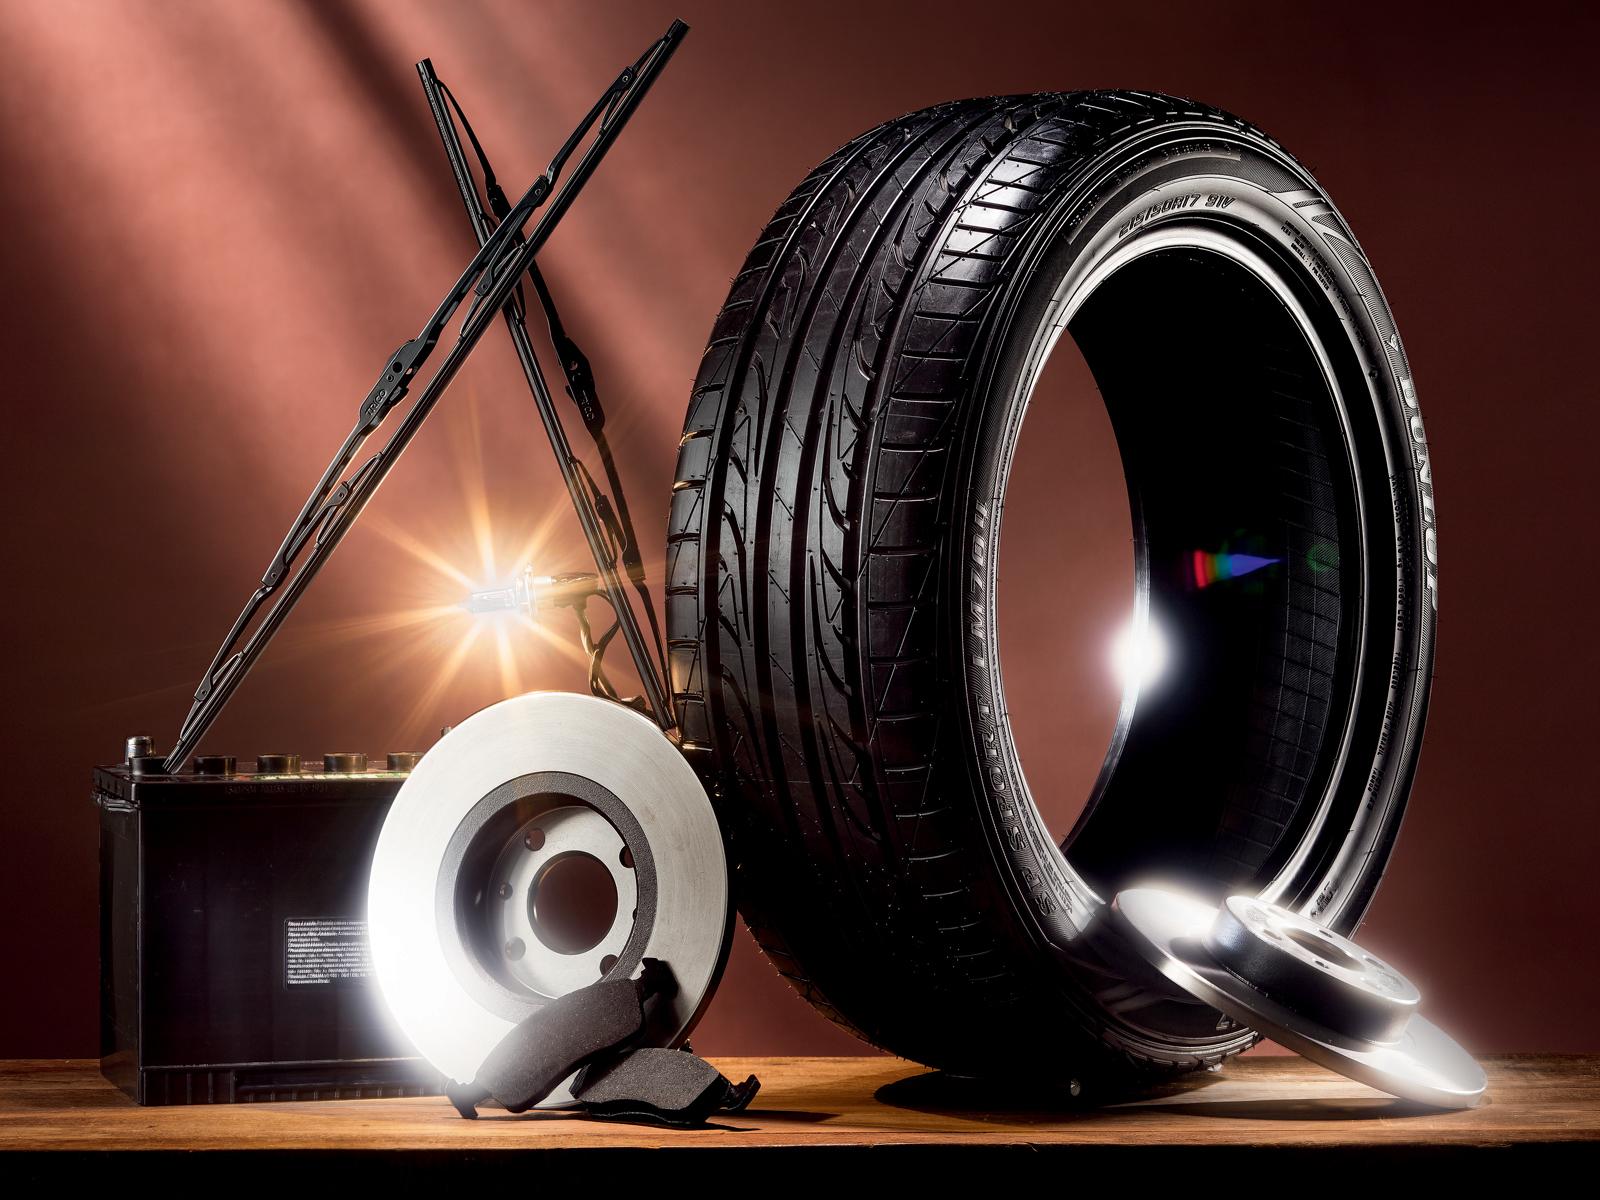 Palheta dianteira, pastilha de freio, disco de freio, bateria, filtro de cabine, lâmpada e pneu: peças de consumo natural